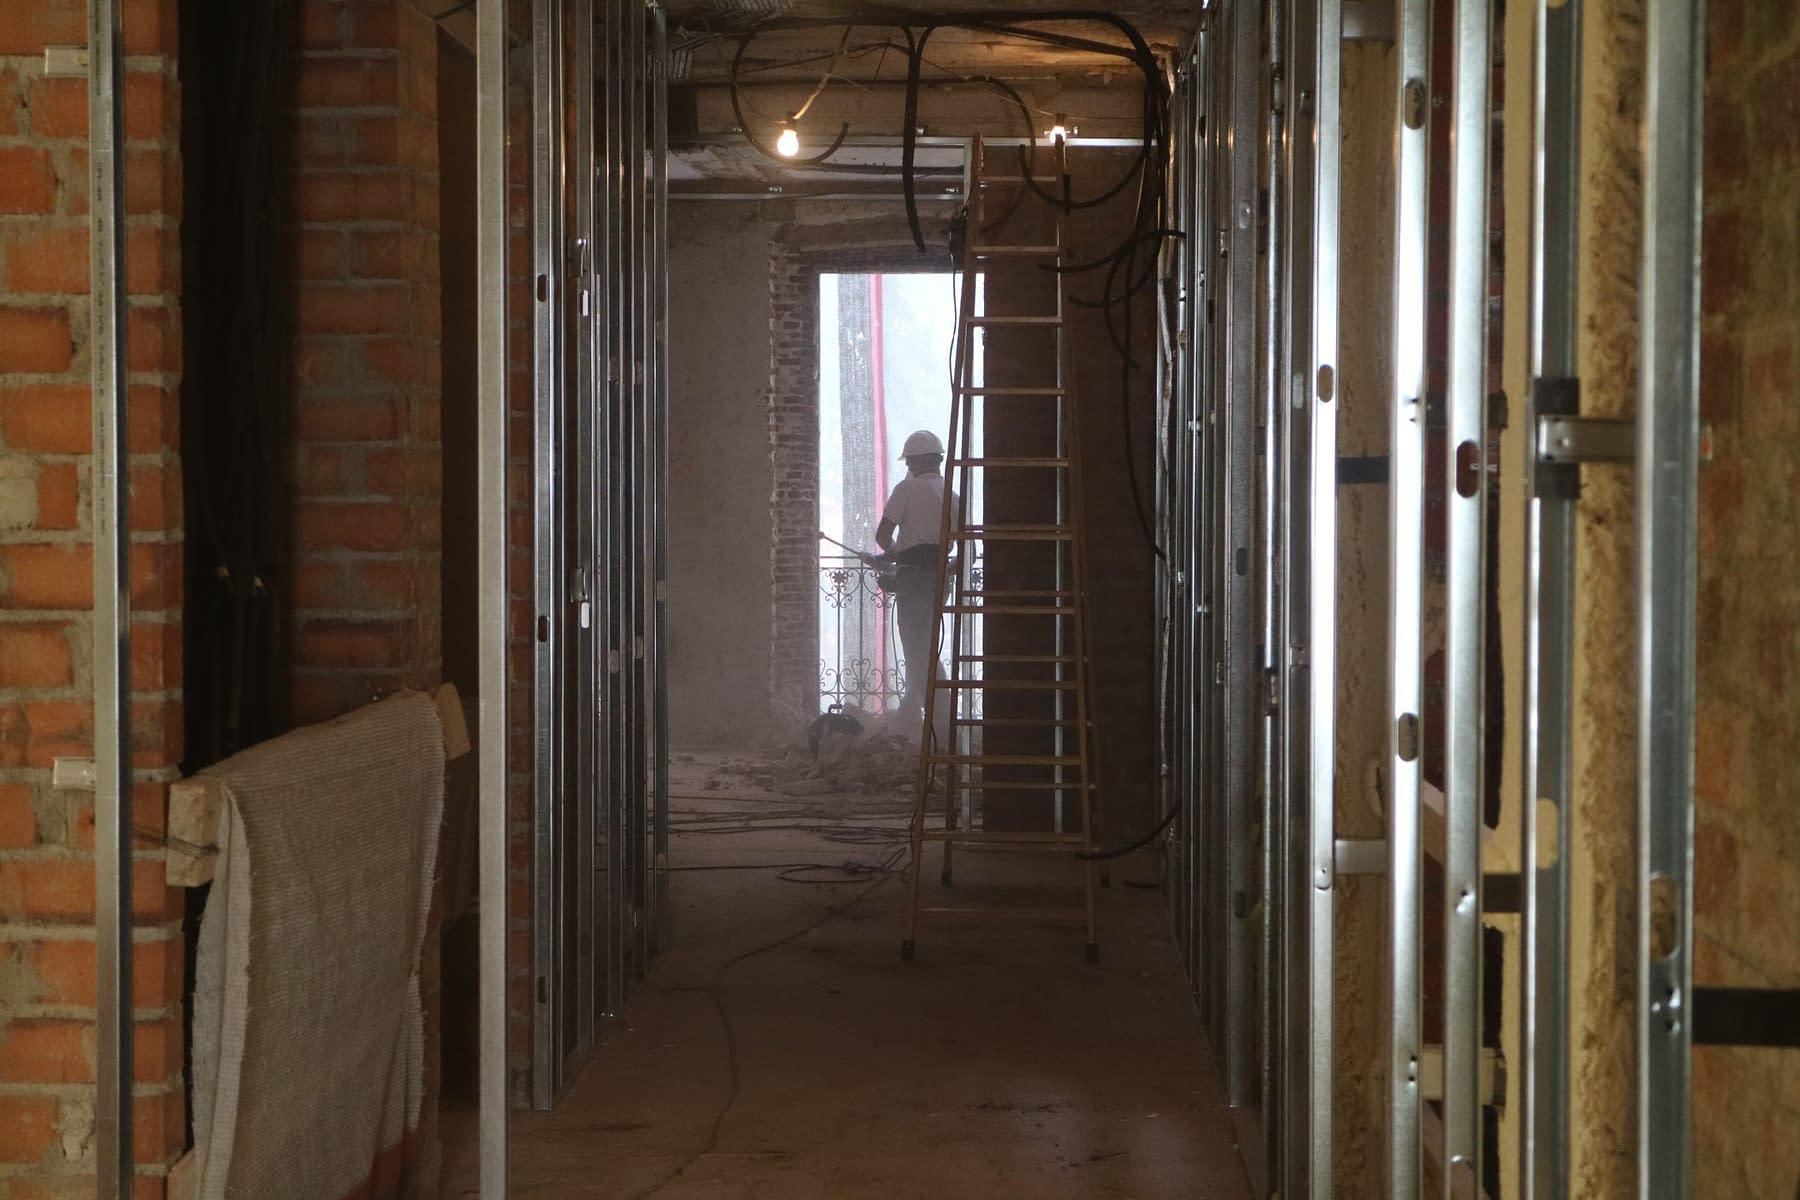 Rehabilitación integral edificio madrid Antonio Maura 8 (24)